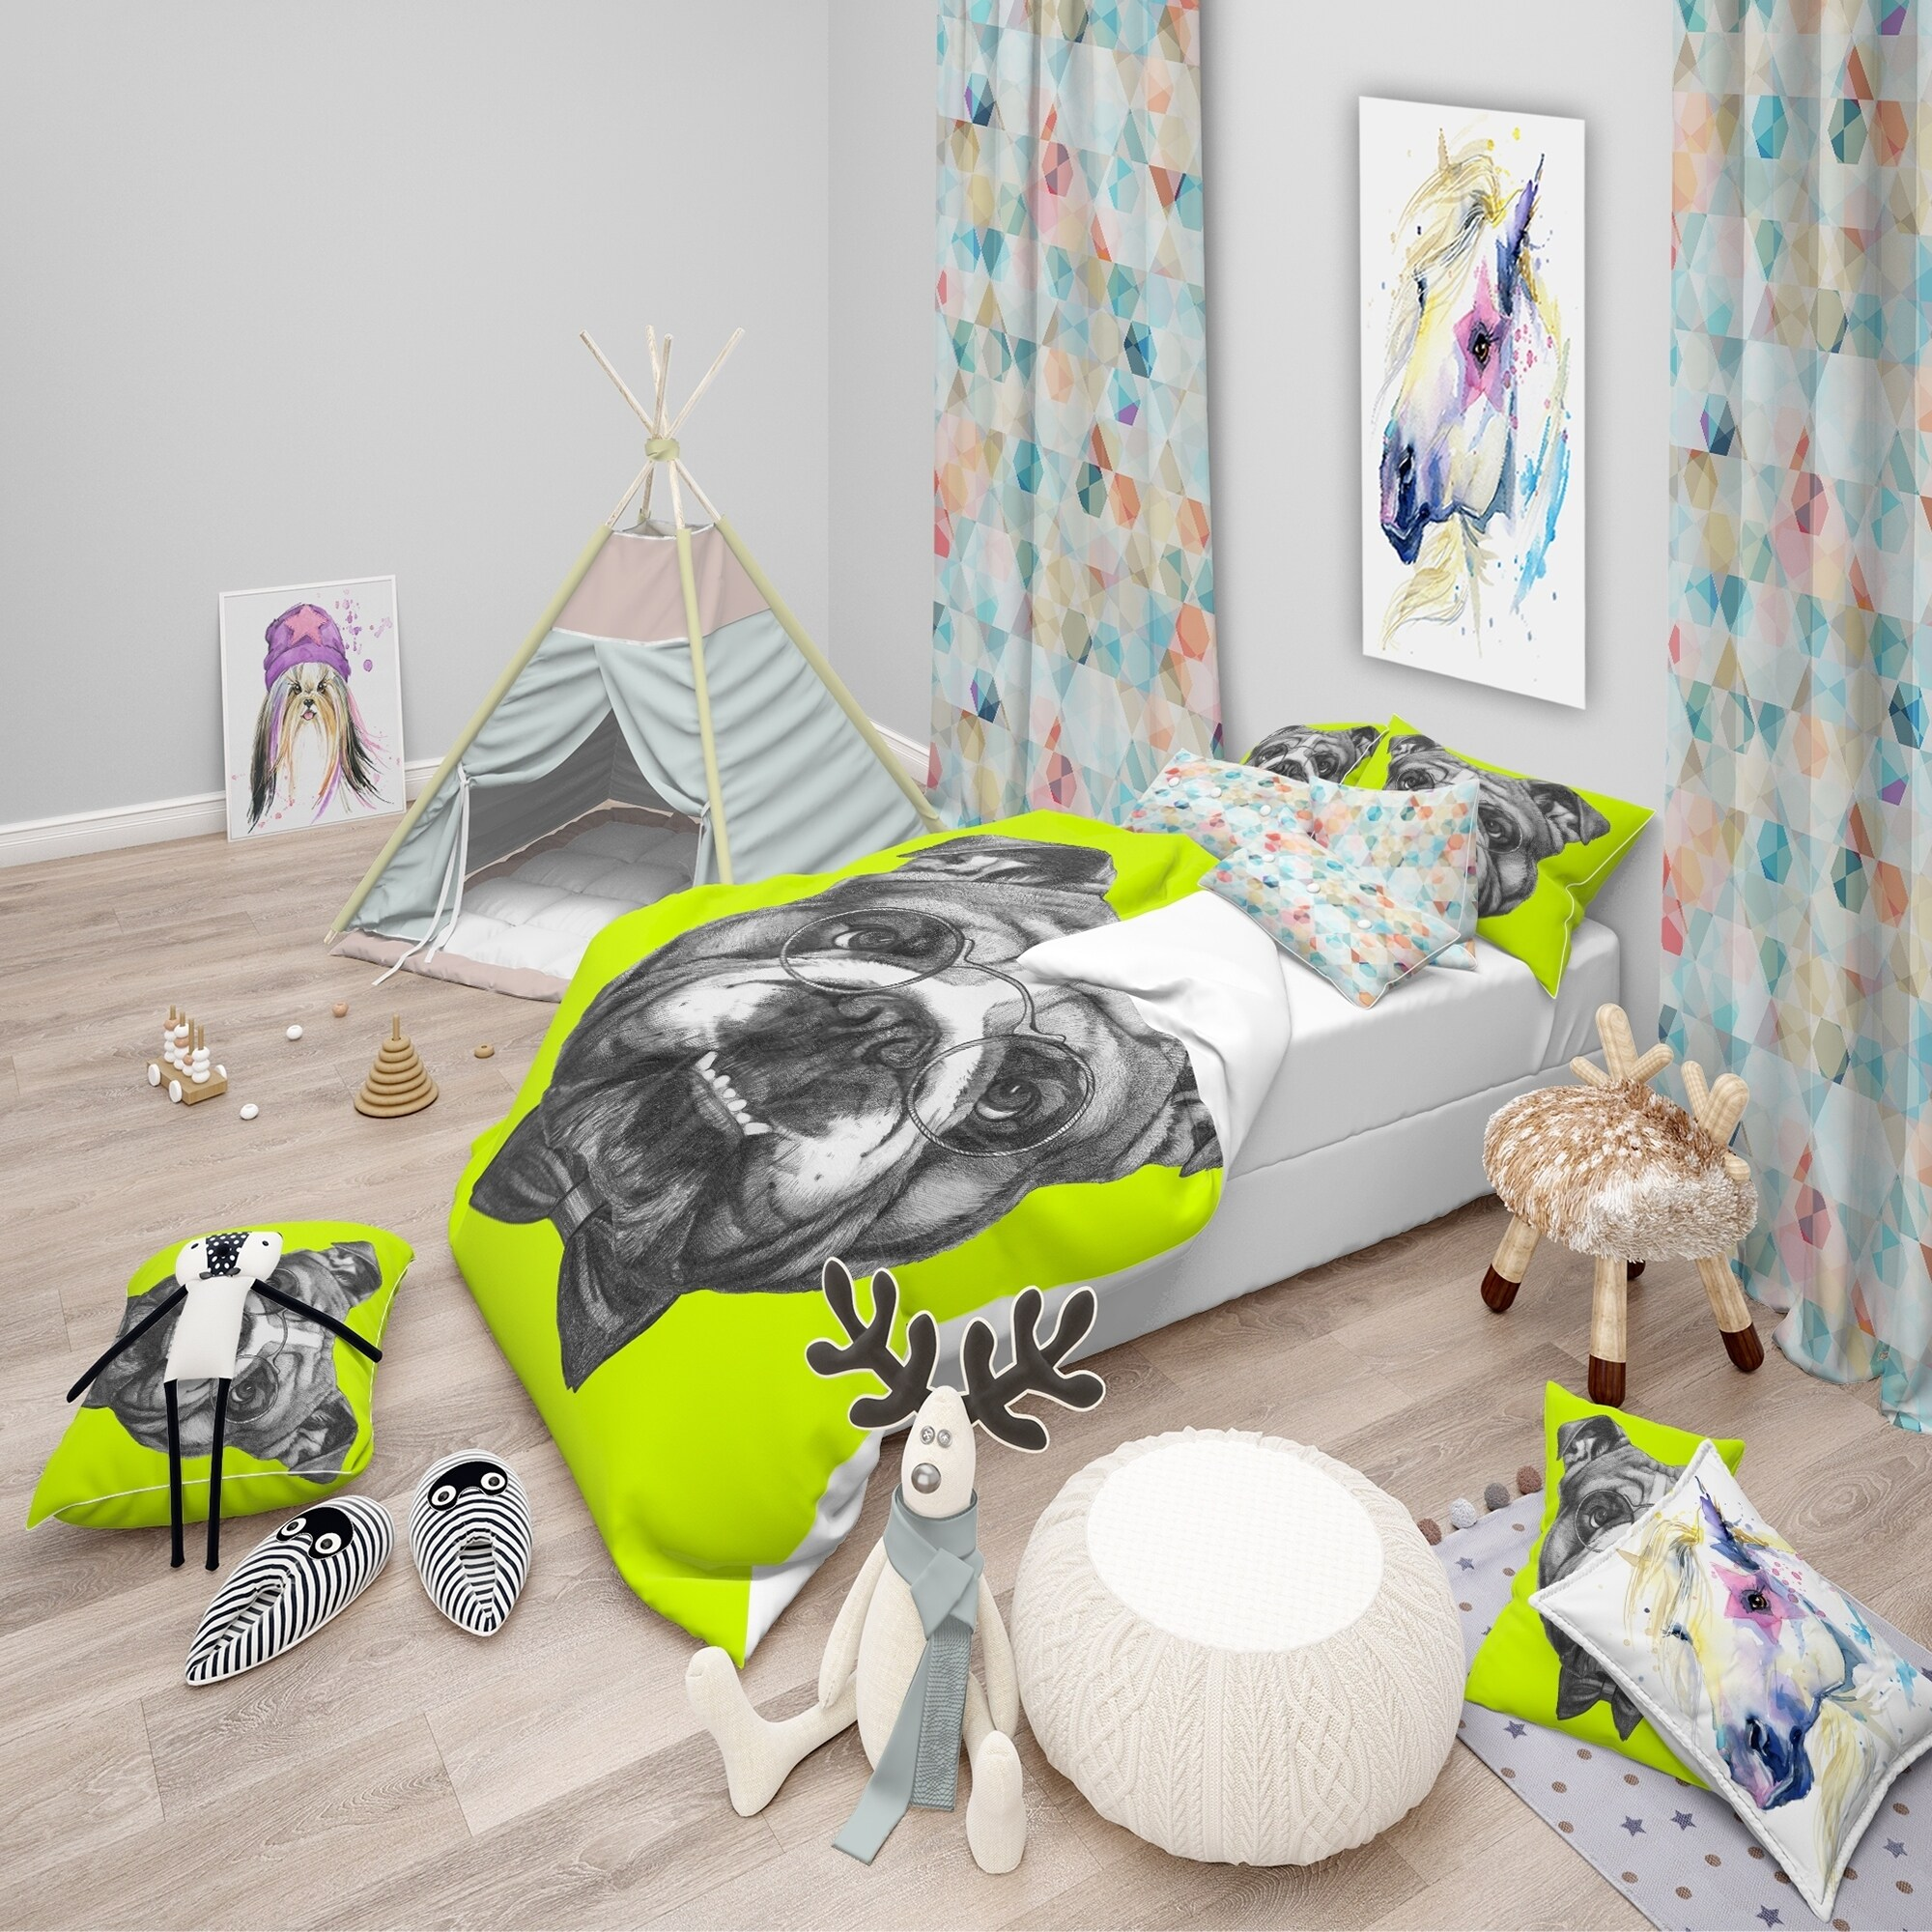 english bulldog bed sheets